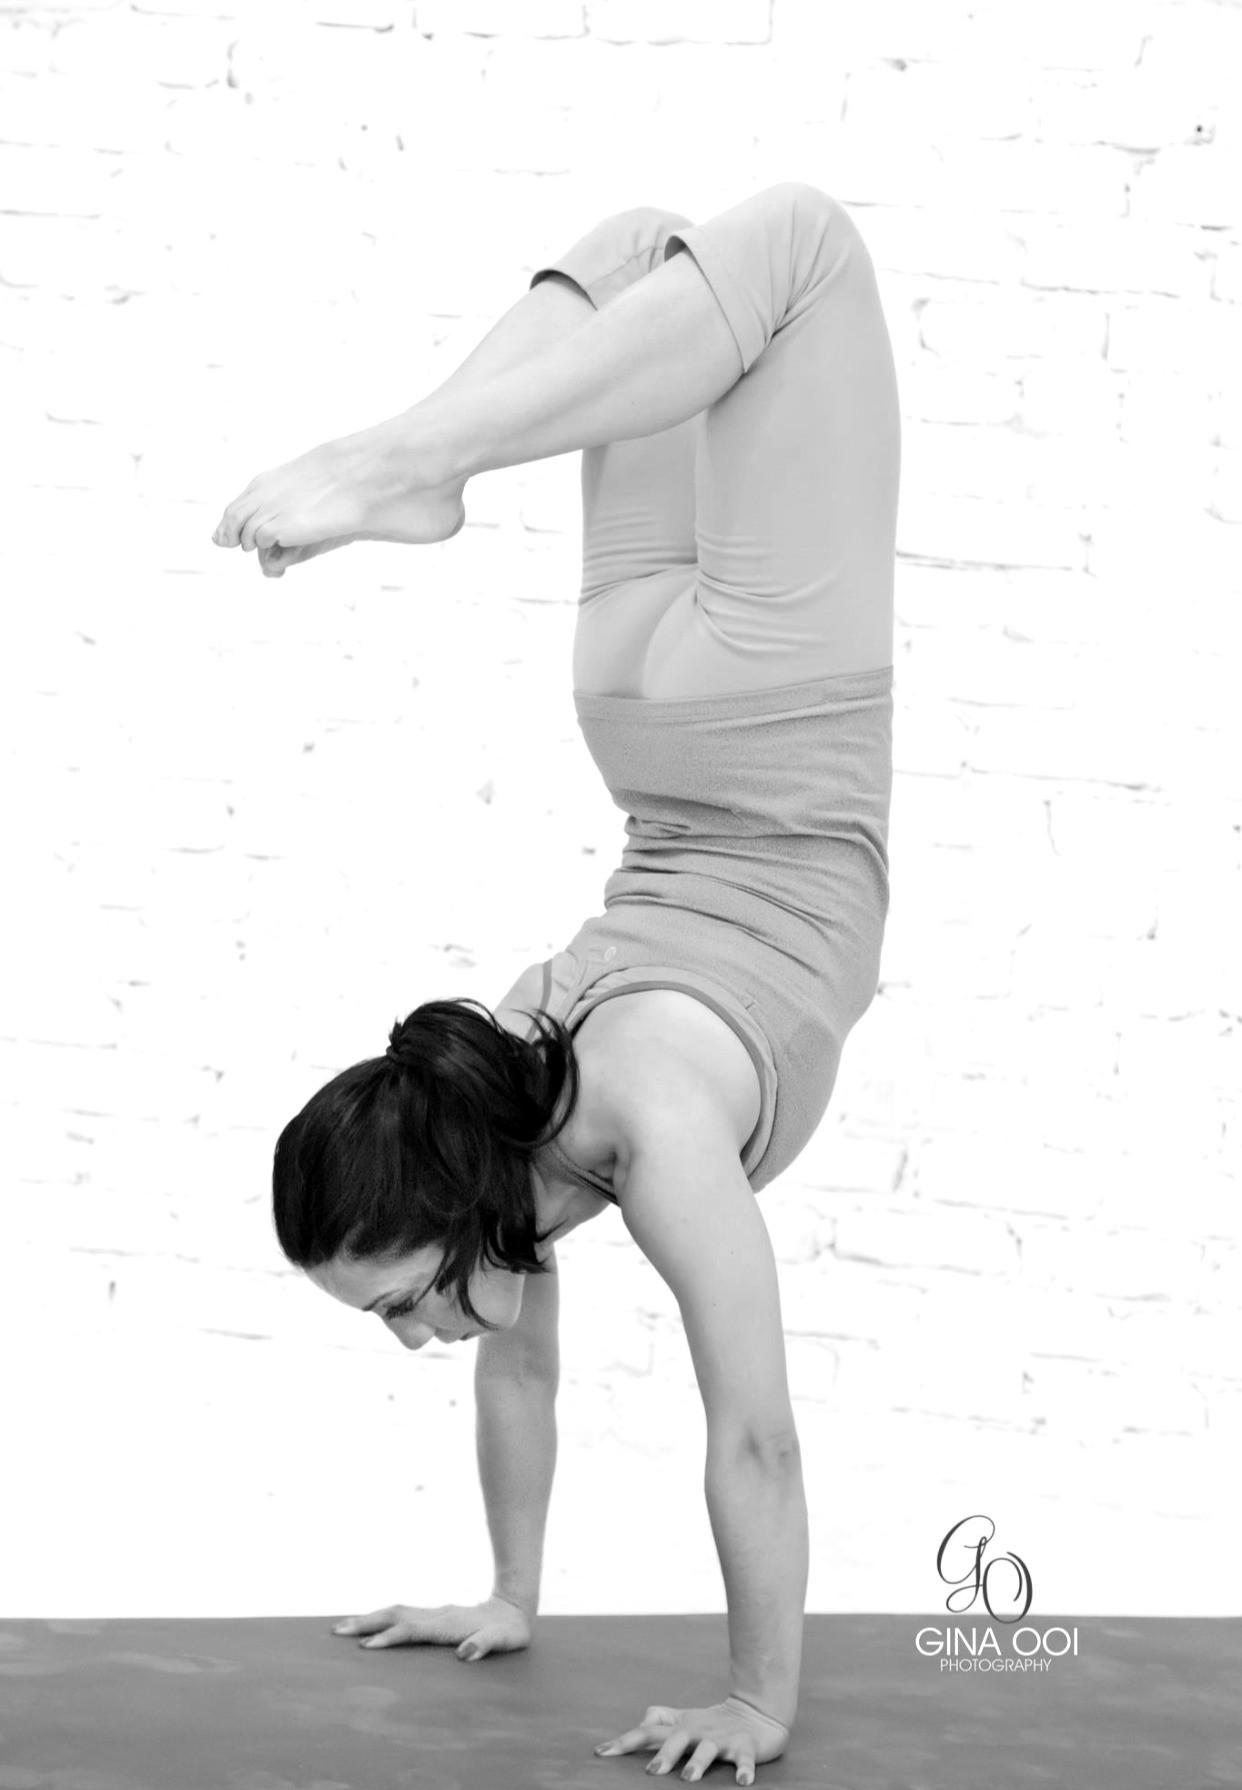 Yoga Private Session